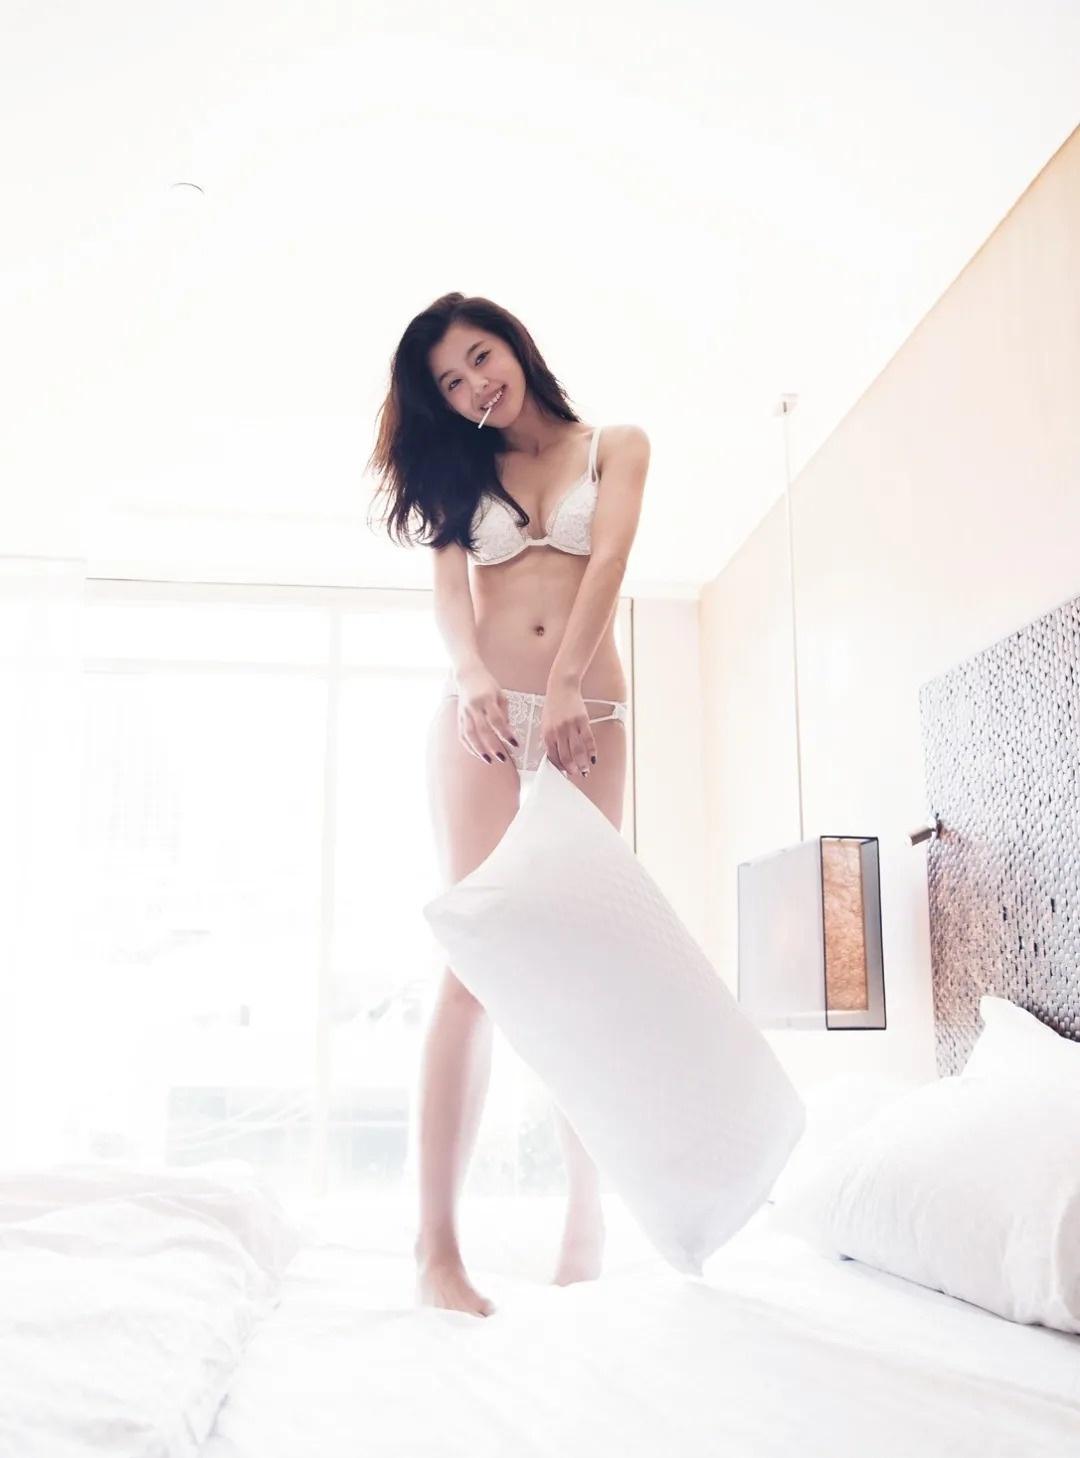 完美九头身人气超模朝比奈彩写真作品 (57)